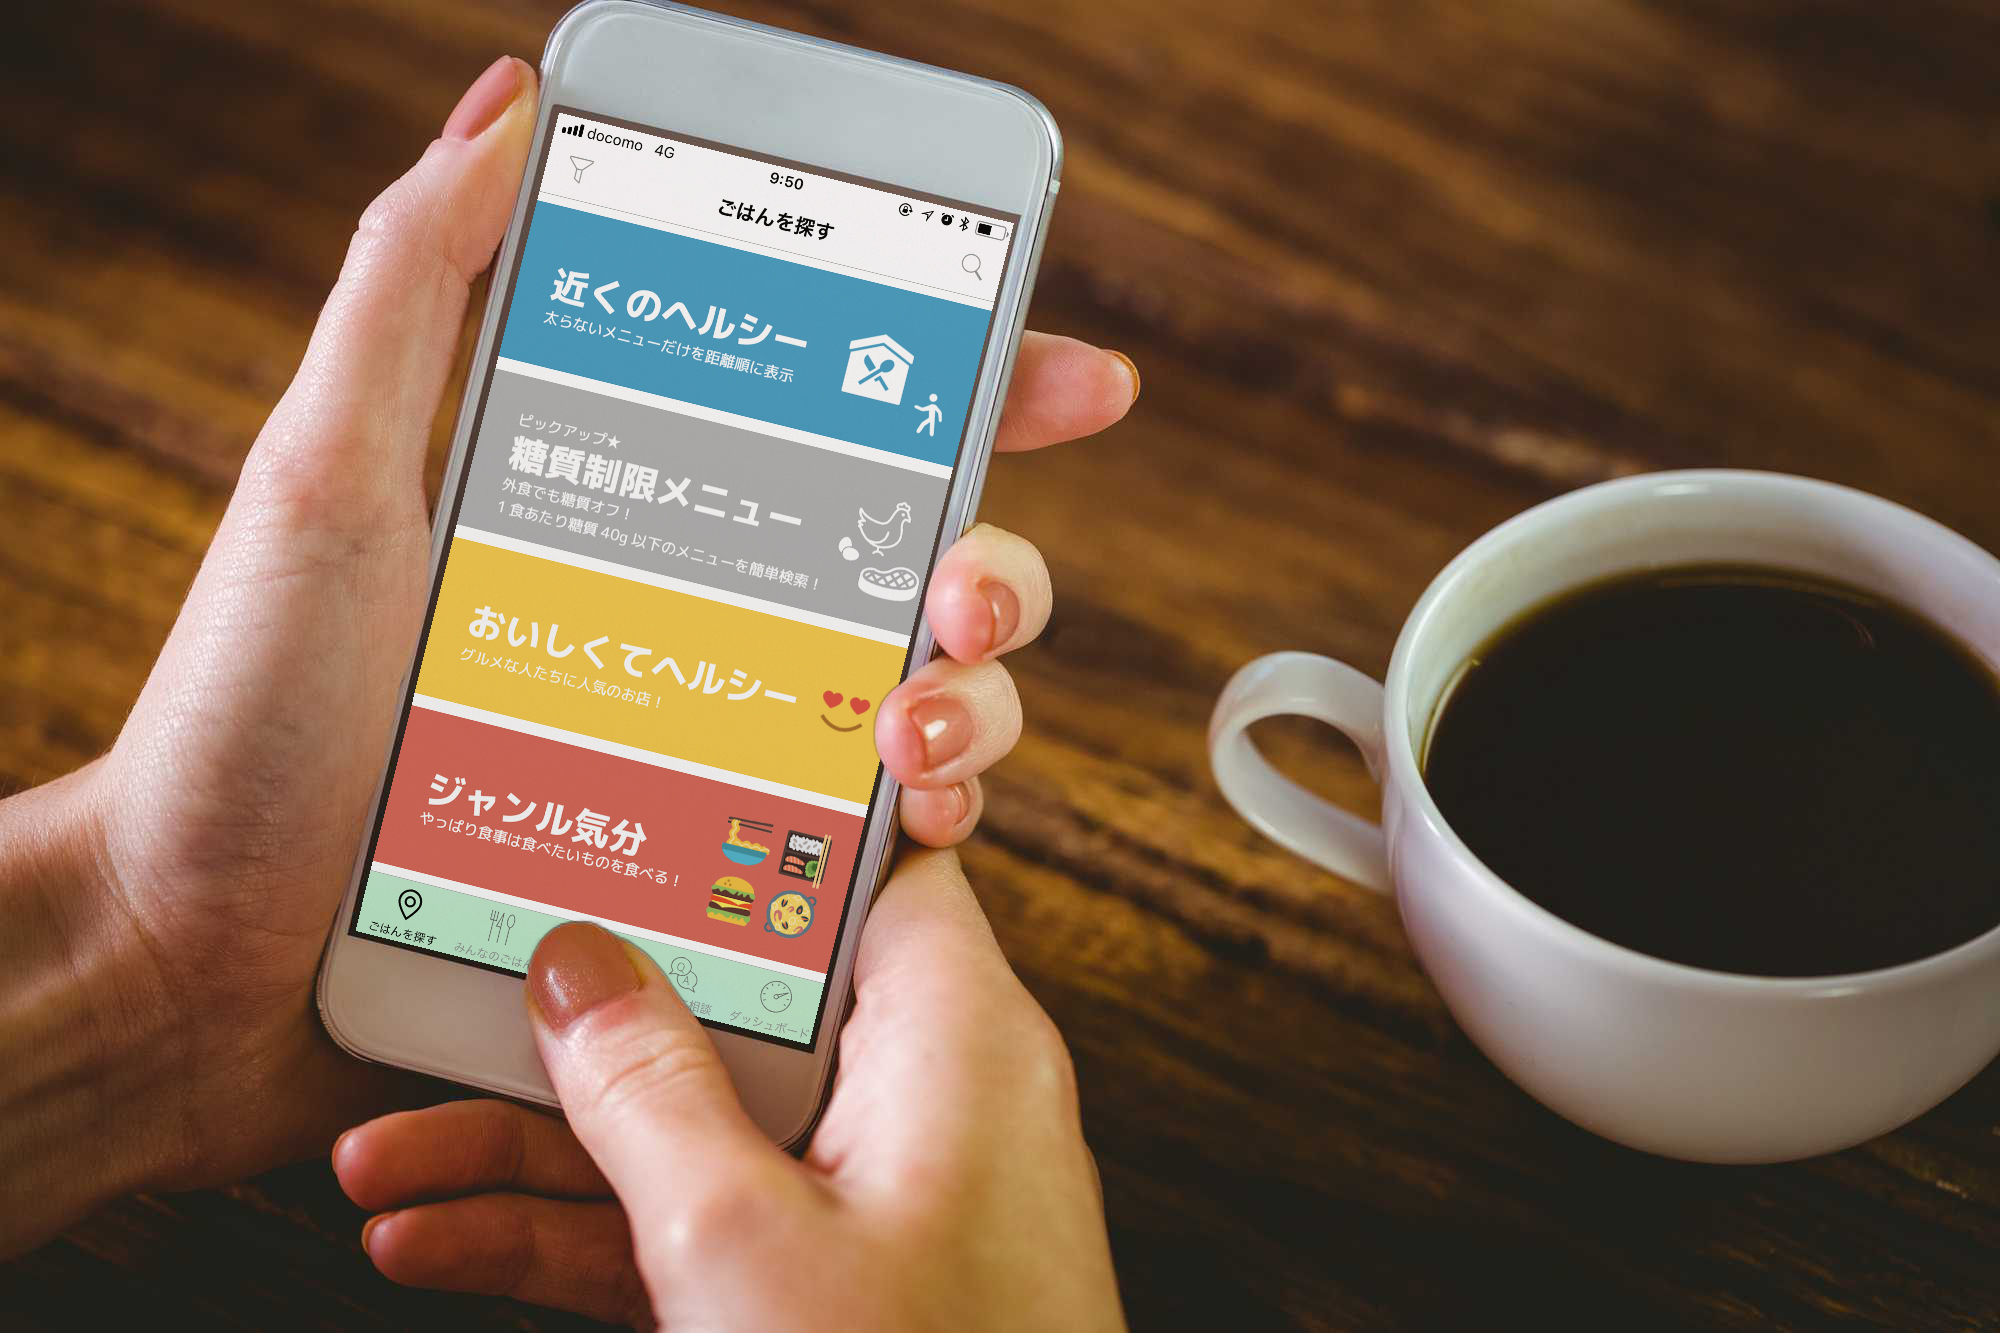 美味しく豊かなダイエットをサポートする【Mealthy】アプリ開発